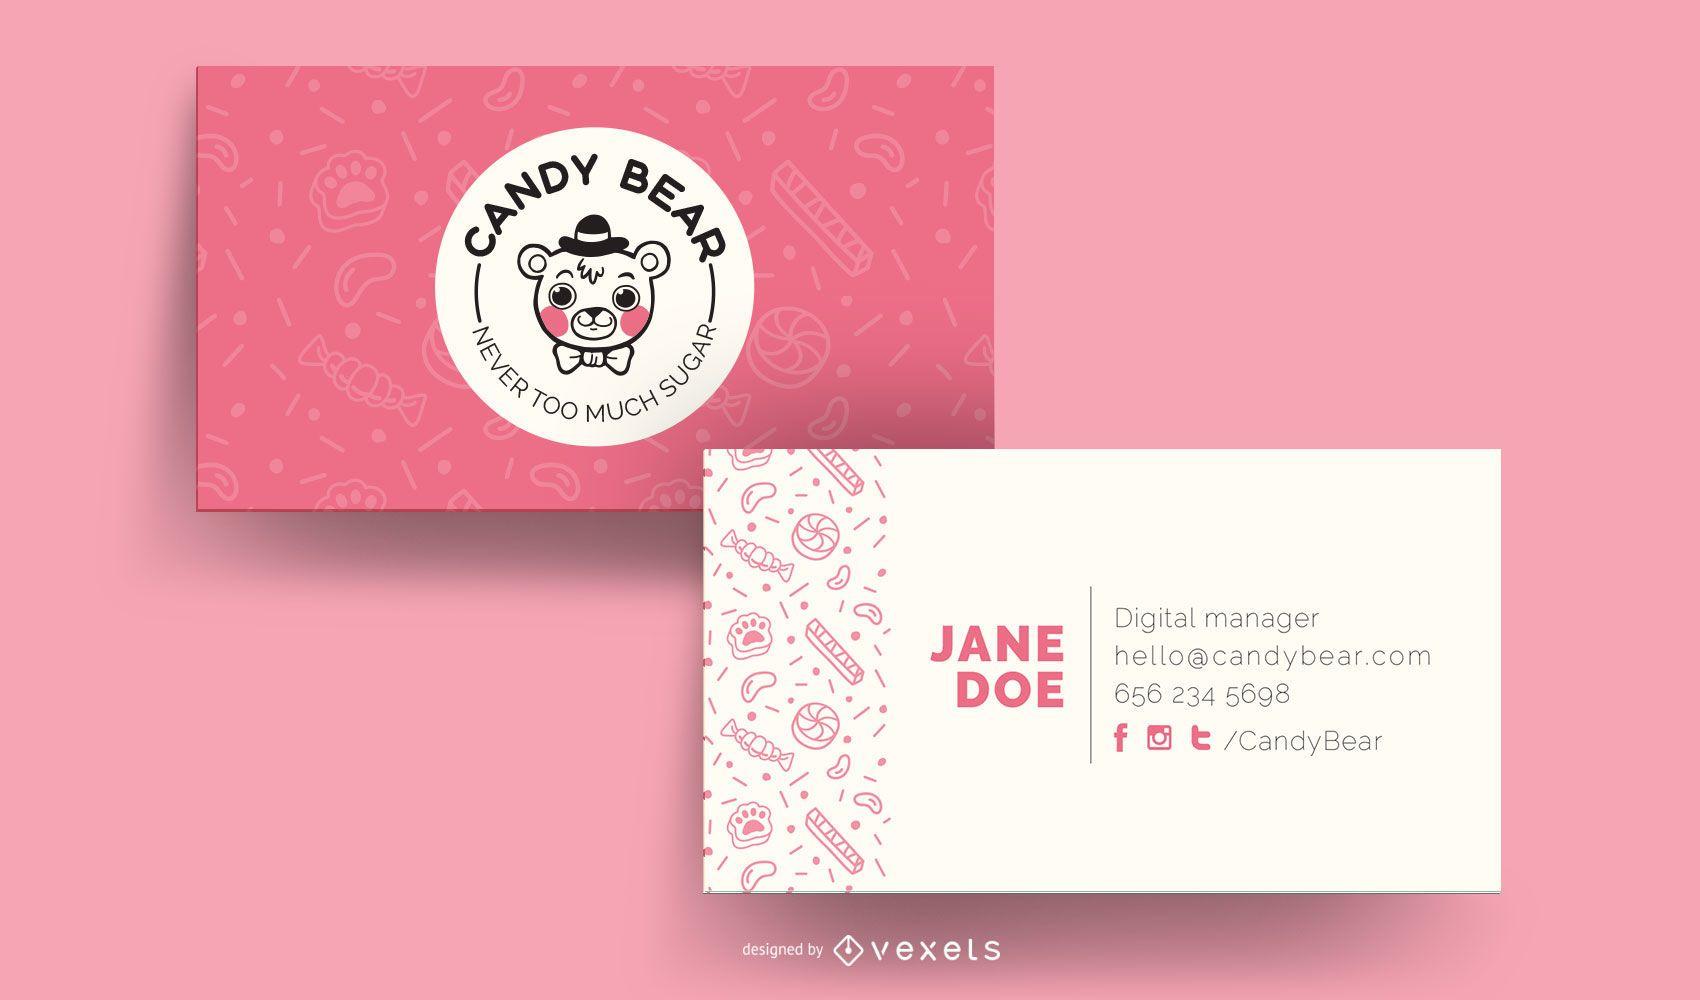 Modelo de cartão de visita Candy Bear